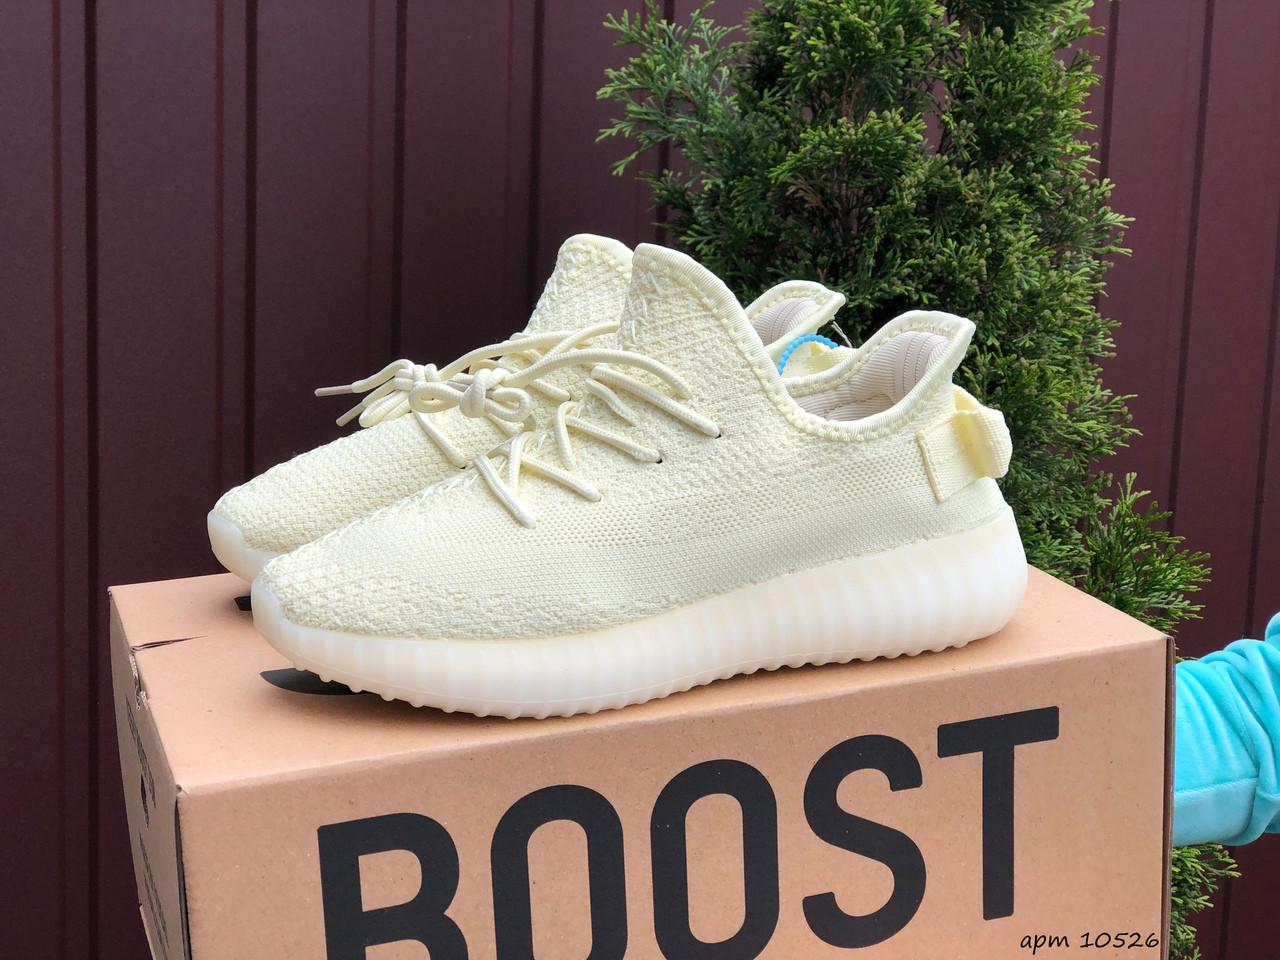 Жіночі кросівки Adidas Yeezy Boost 350 v2 лимонні